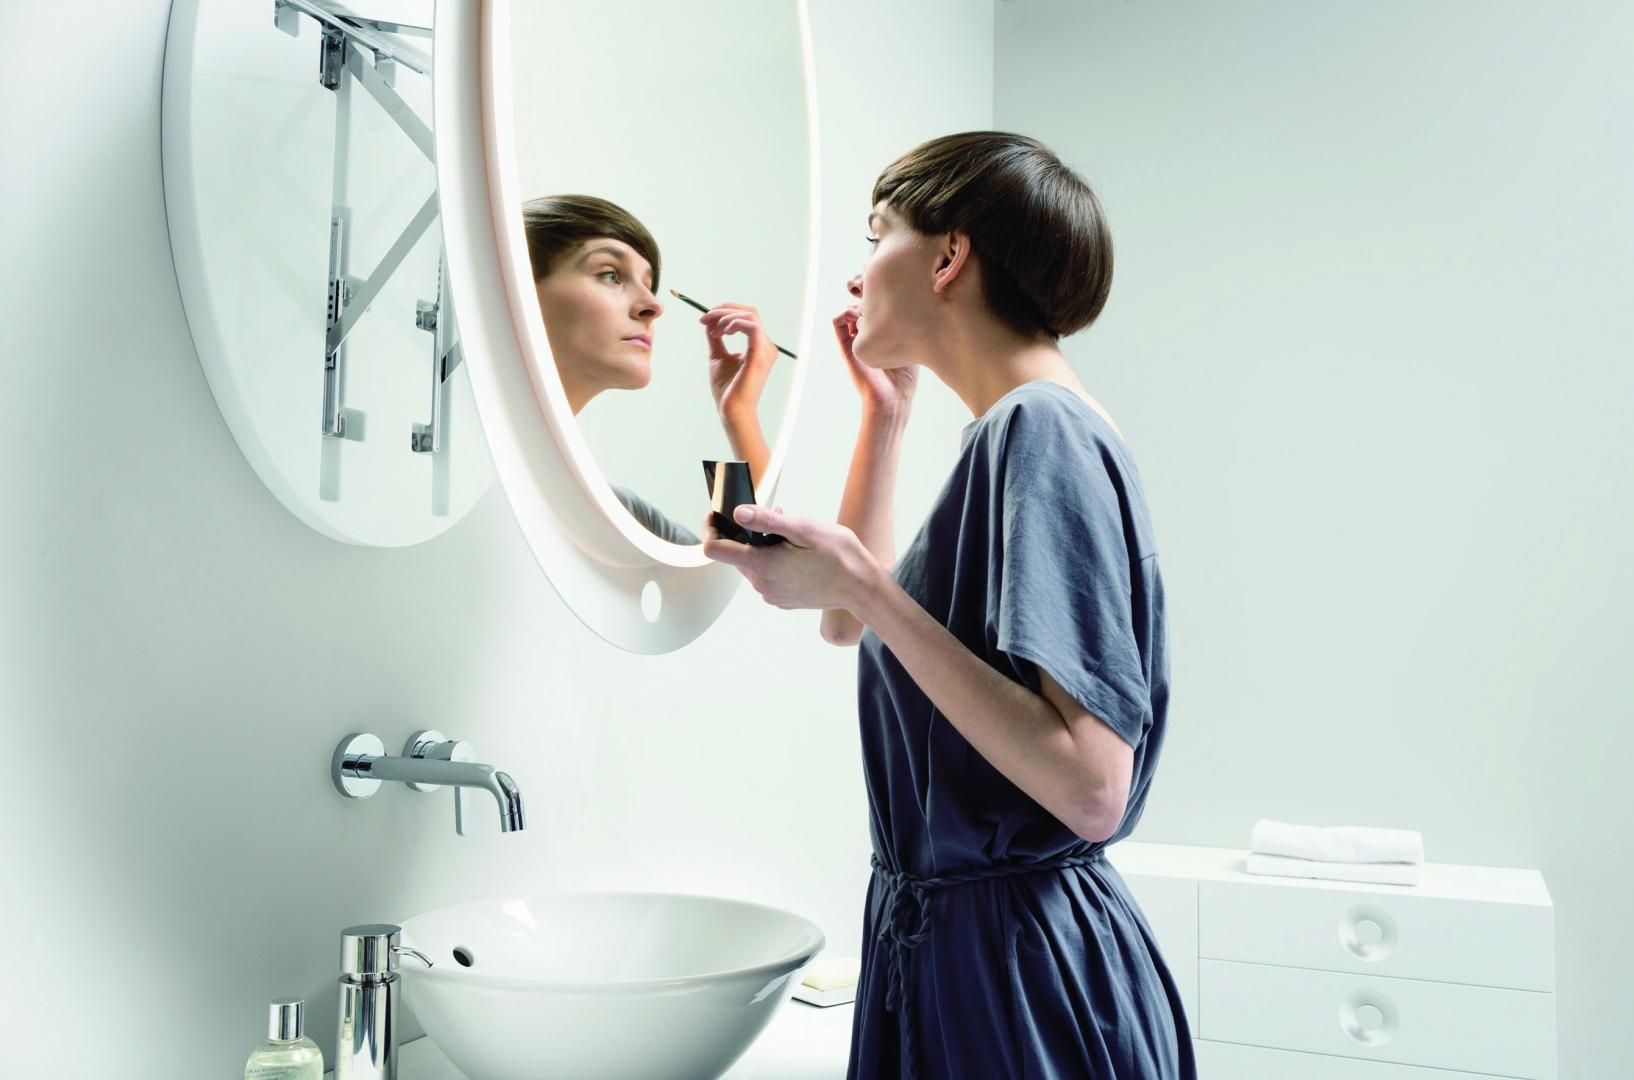 Lustro Ella firmy Miior ma delikatny i kobiecy, a jednocześnie nowoczesny styl, owalne (93x63 cm); technologia Axio-Link umożliwia dopasować dystans pomiędzy twarzą a lustrem bez przyjmowania niewygodnej pozycji podczas codziennej toalety – wystarczy pociągnąć za ramę; czujnik ruchu pod powierzchnią lustra włącza oświetlenie. Fot. Miior.